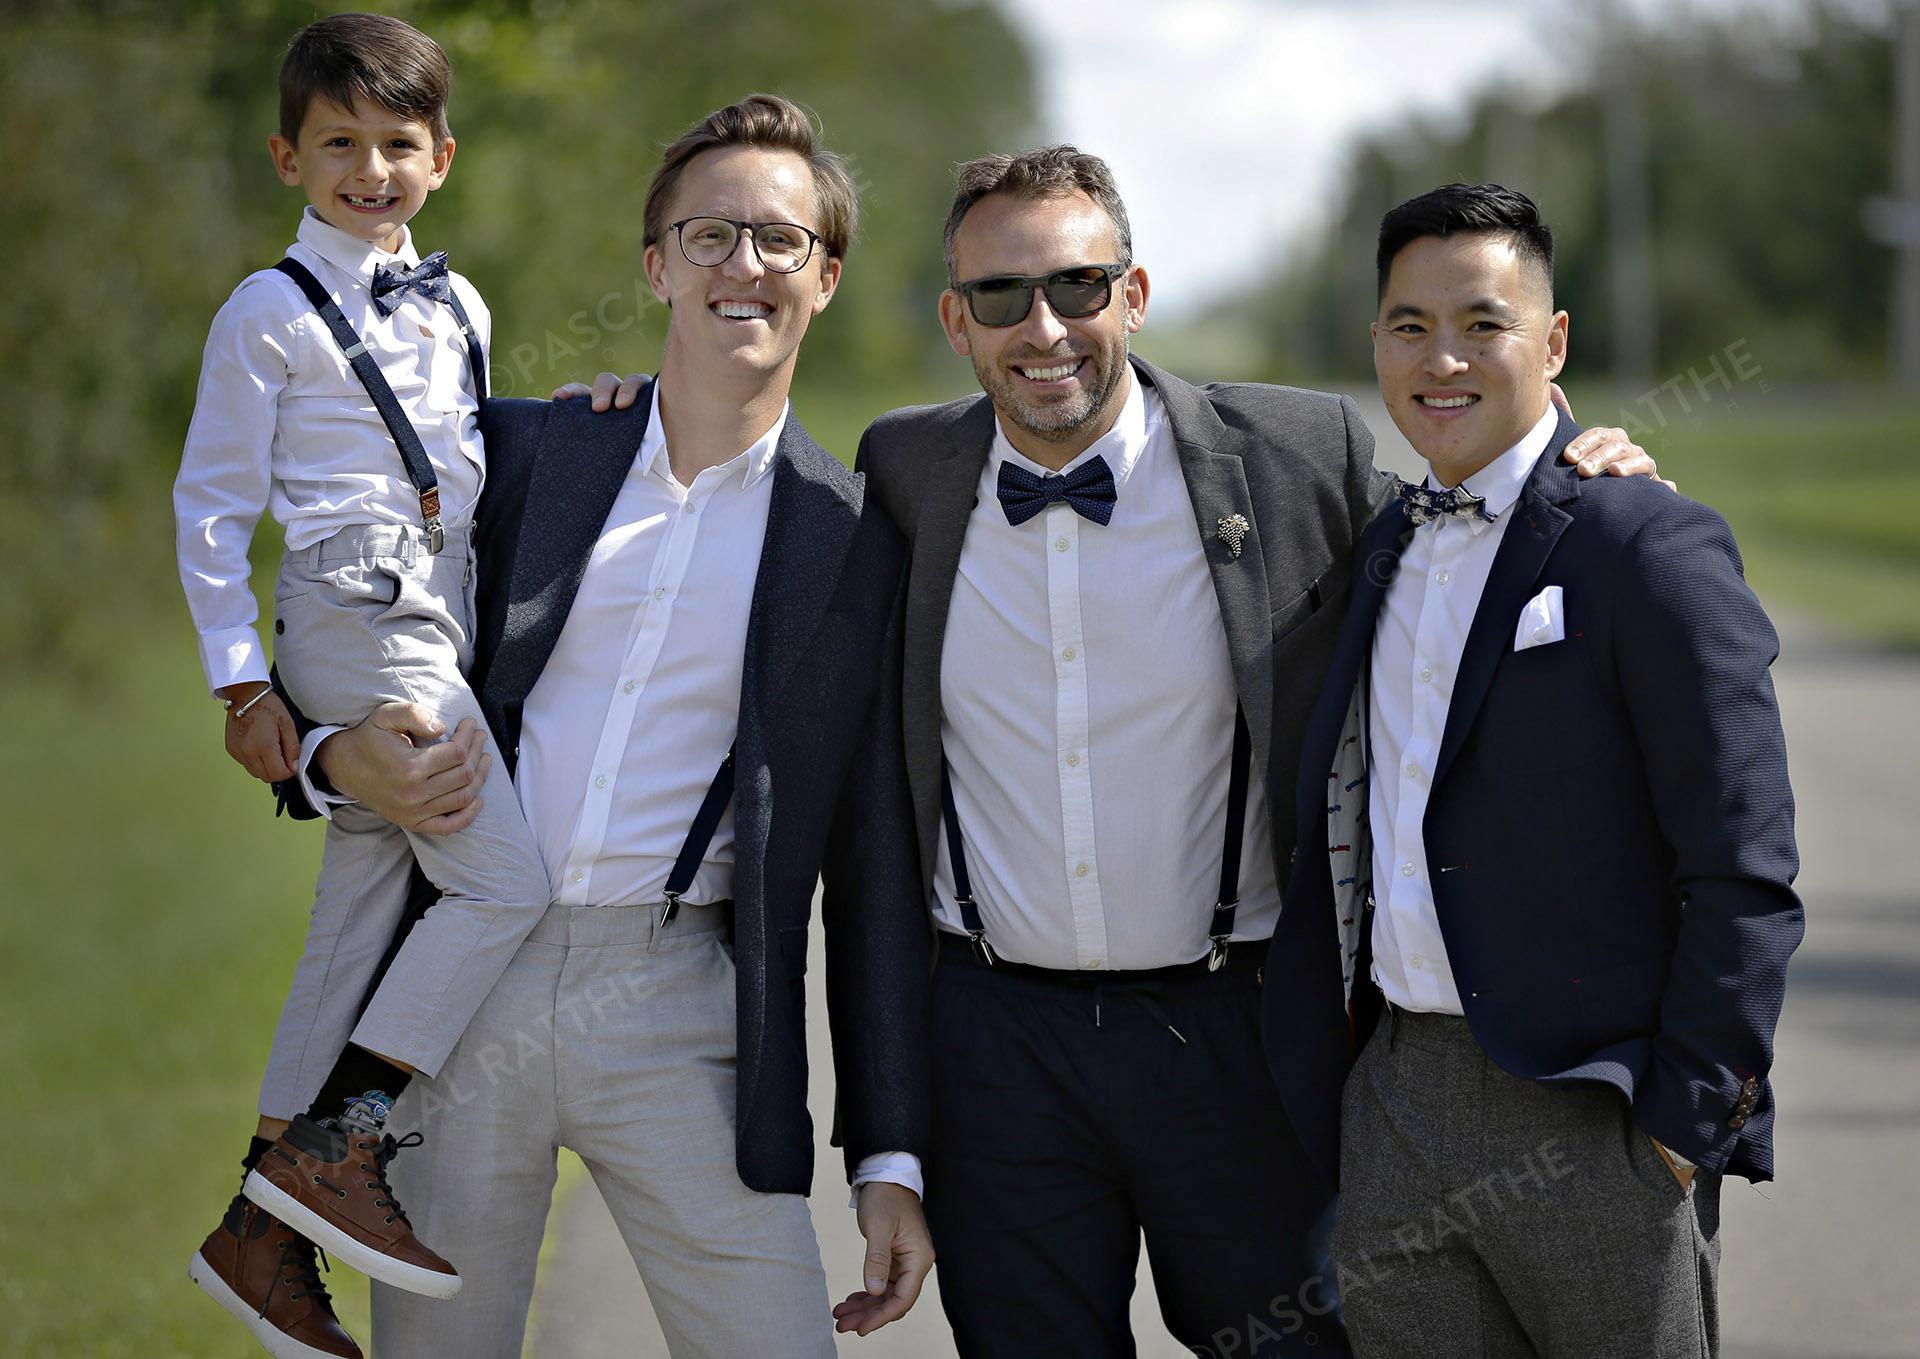 homme d'honneur avec le fils du marié avant la cérémonie